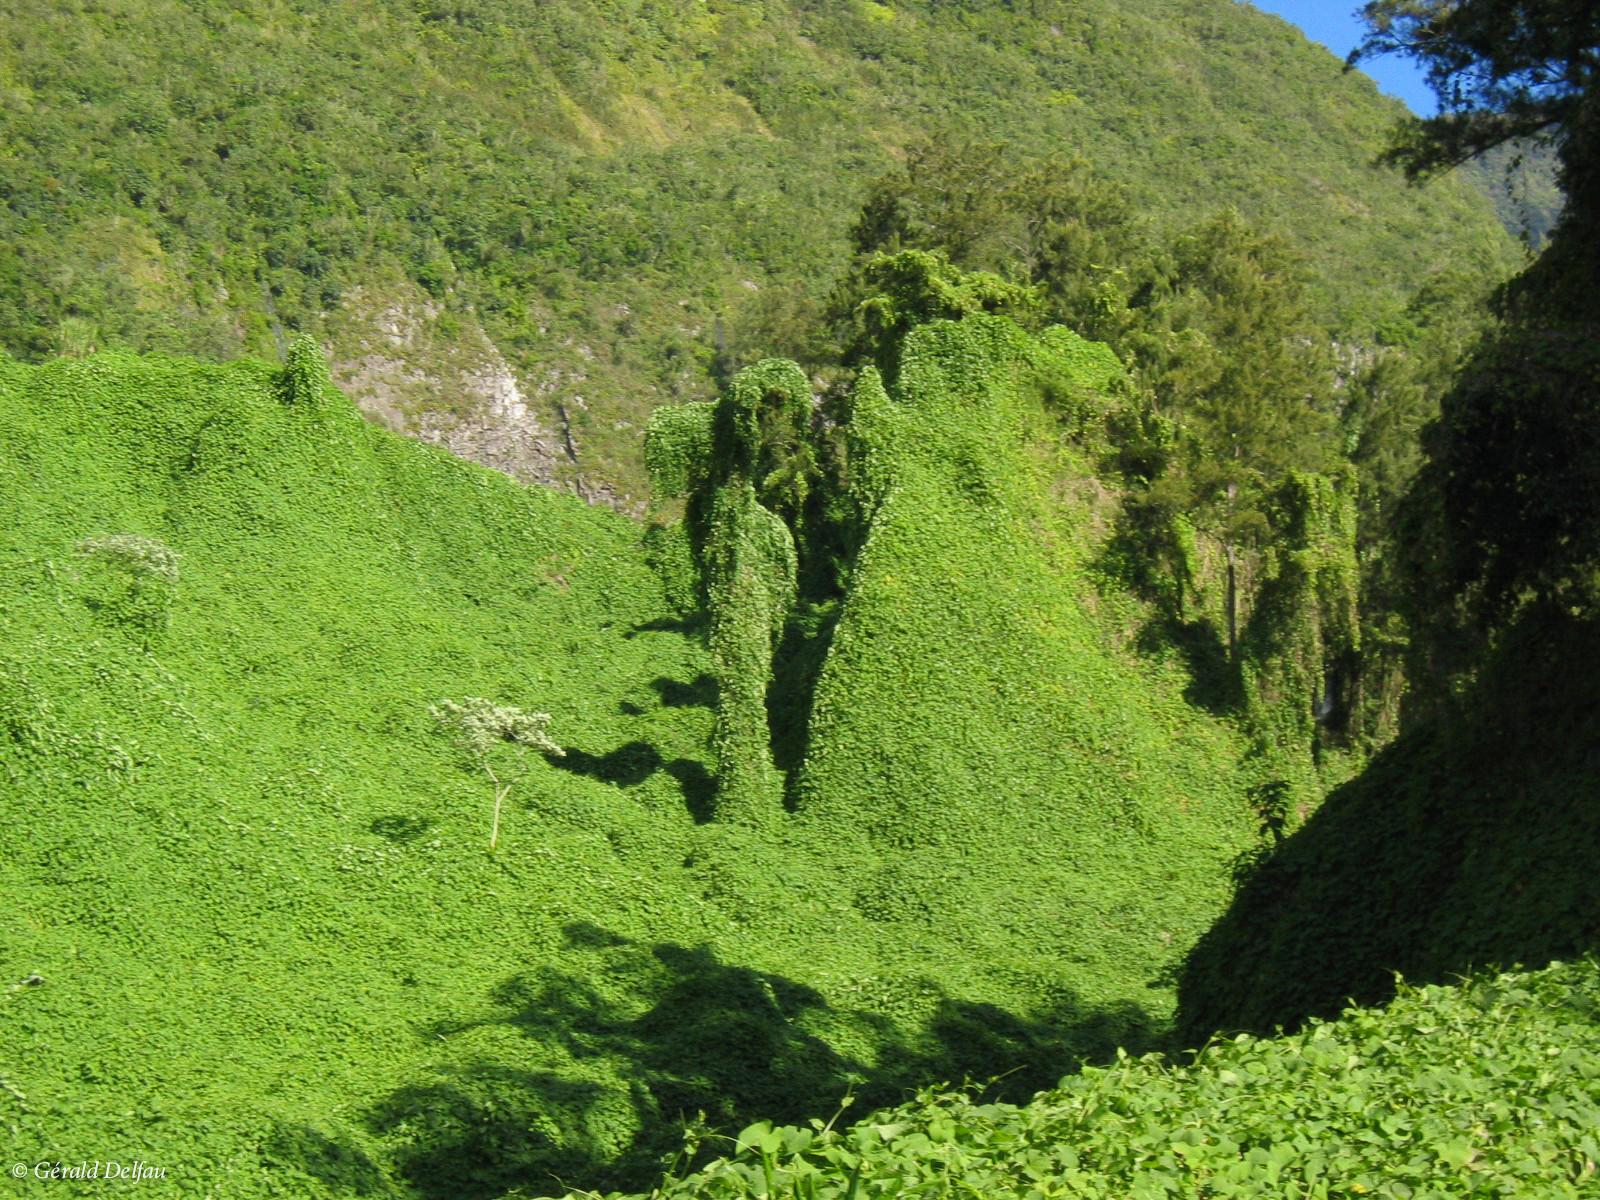 Végétation luxuriante recouvrant les roches de l'Ile de la Réunion